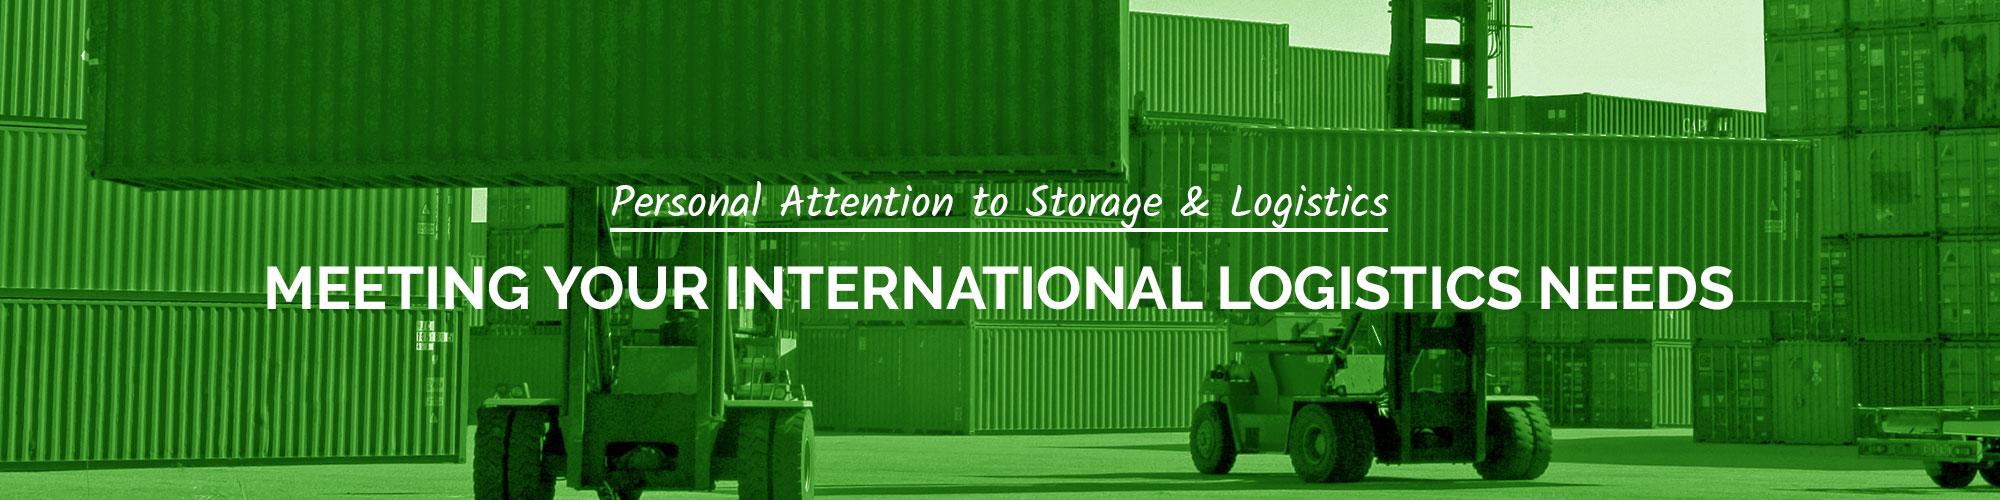 header-international